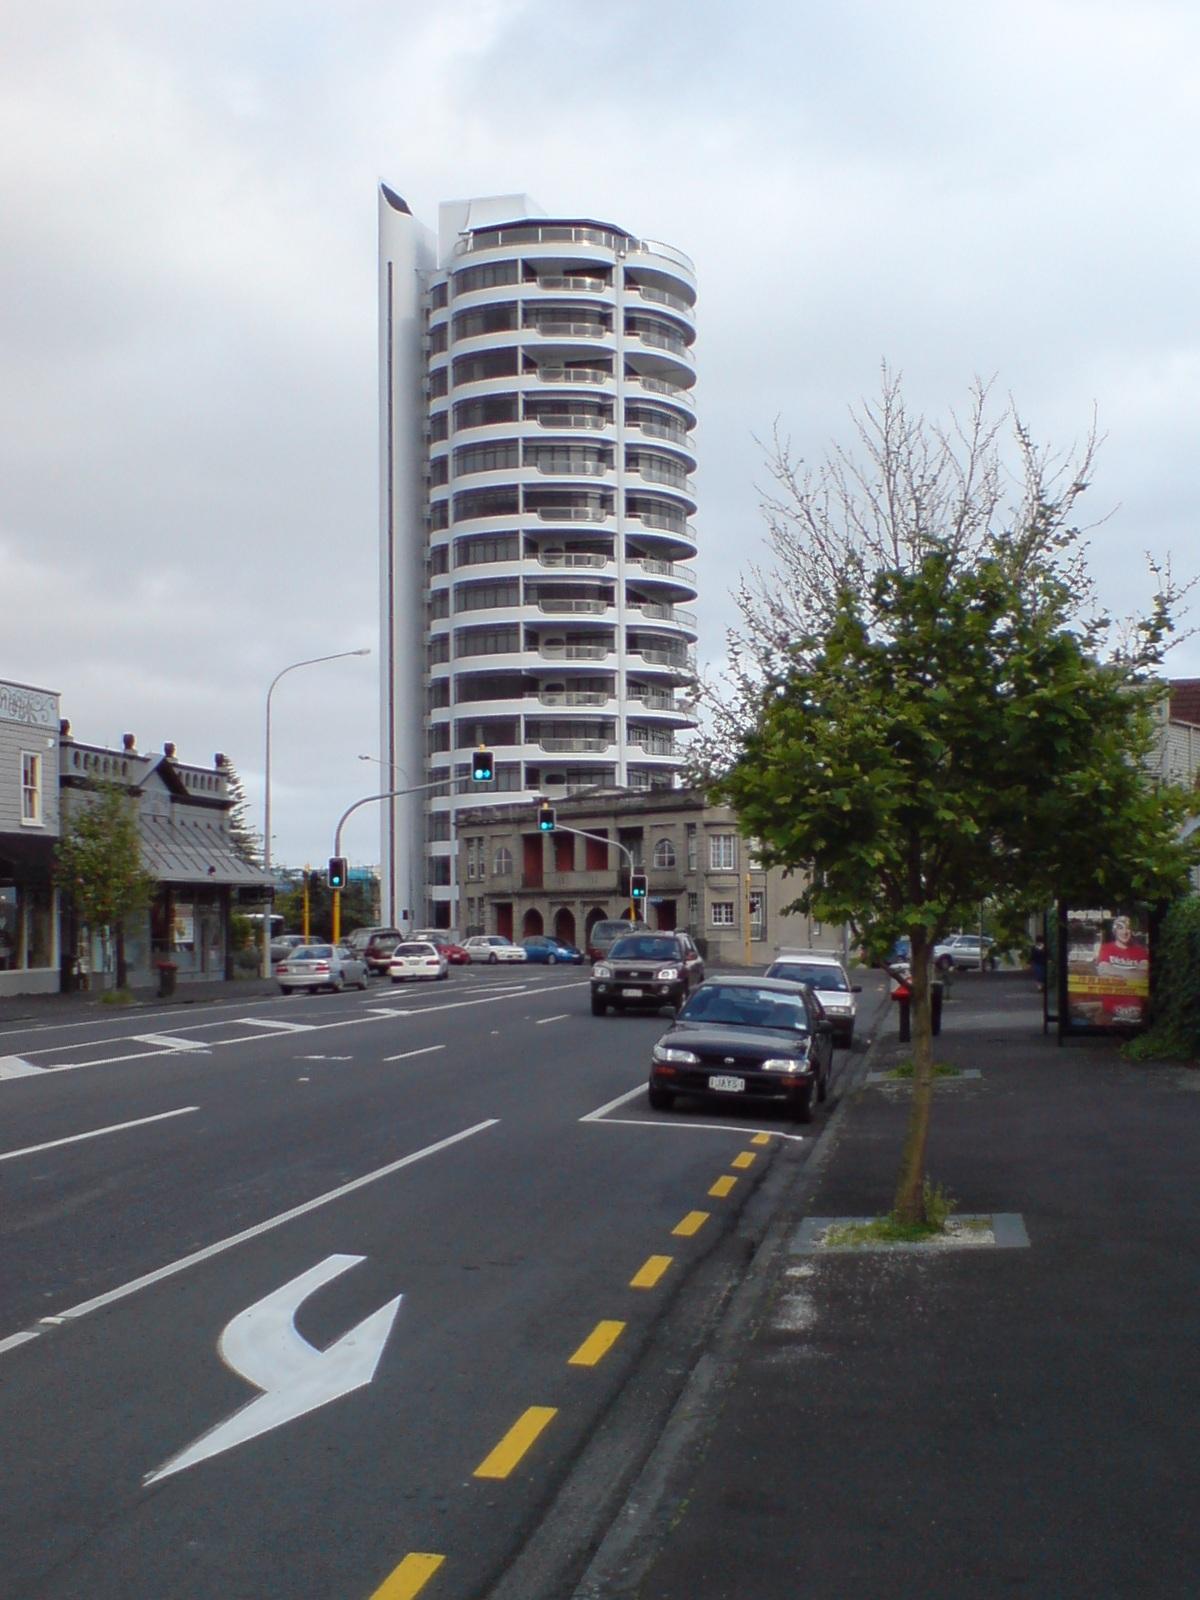 Zip Code Foe Auckland New Zealand